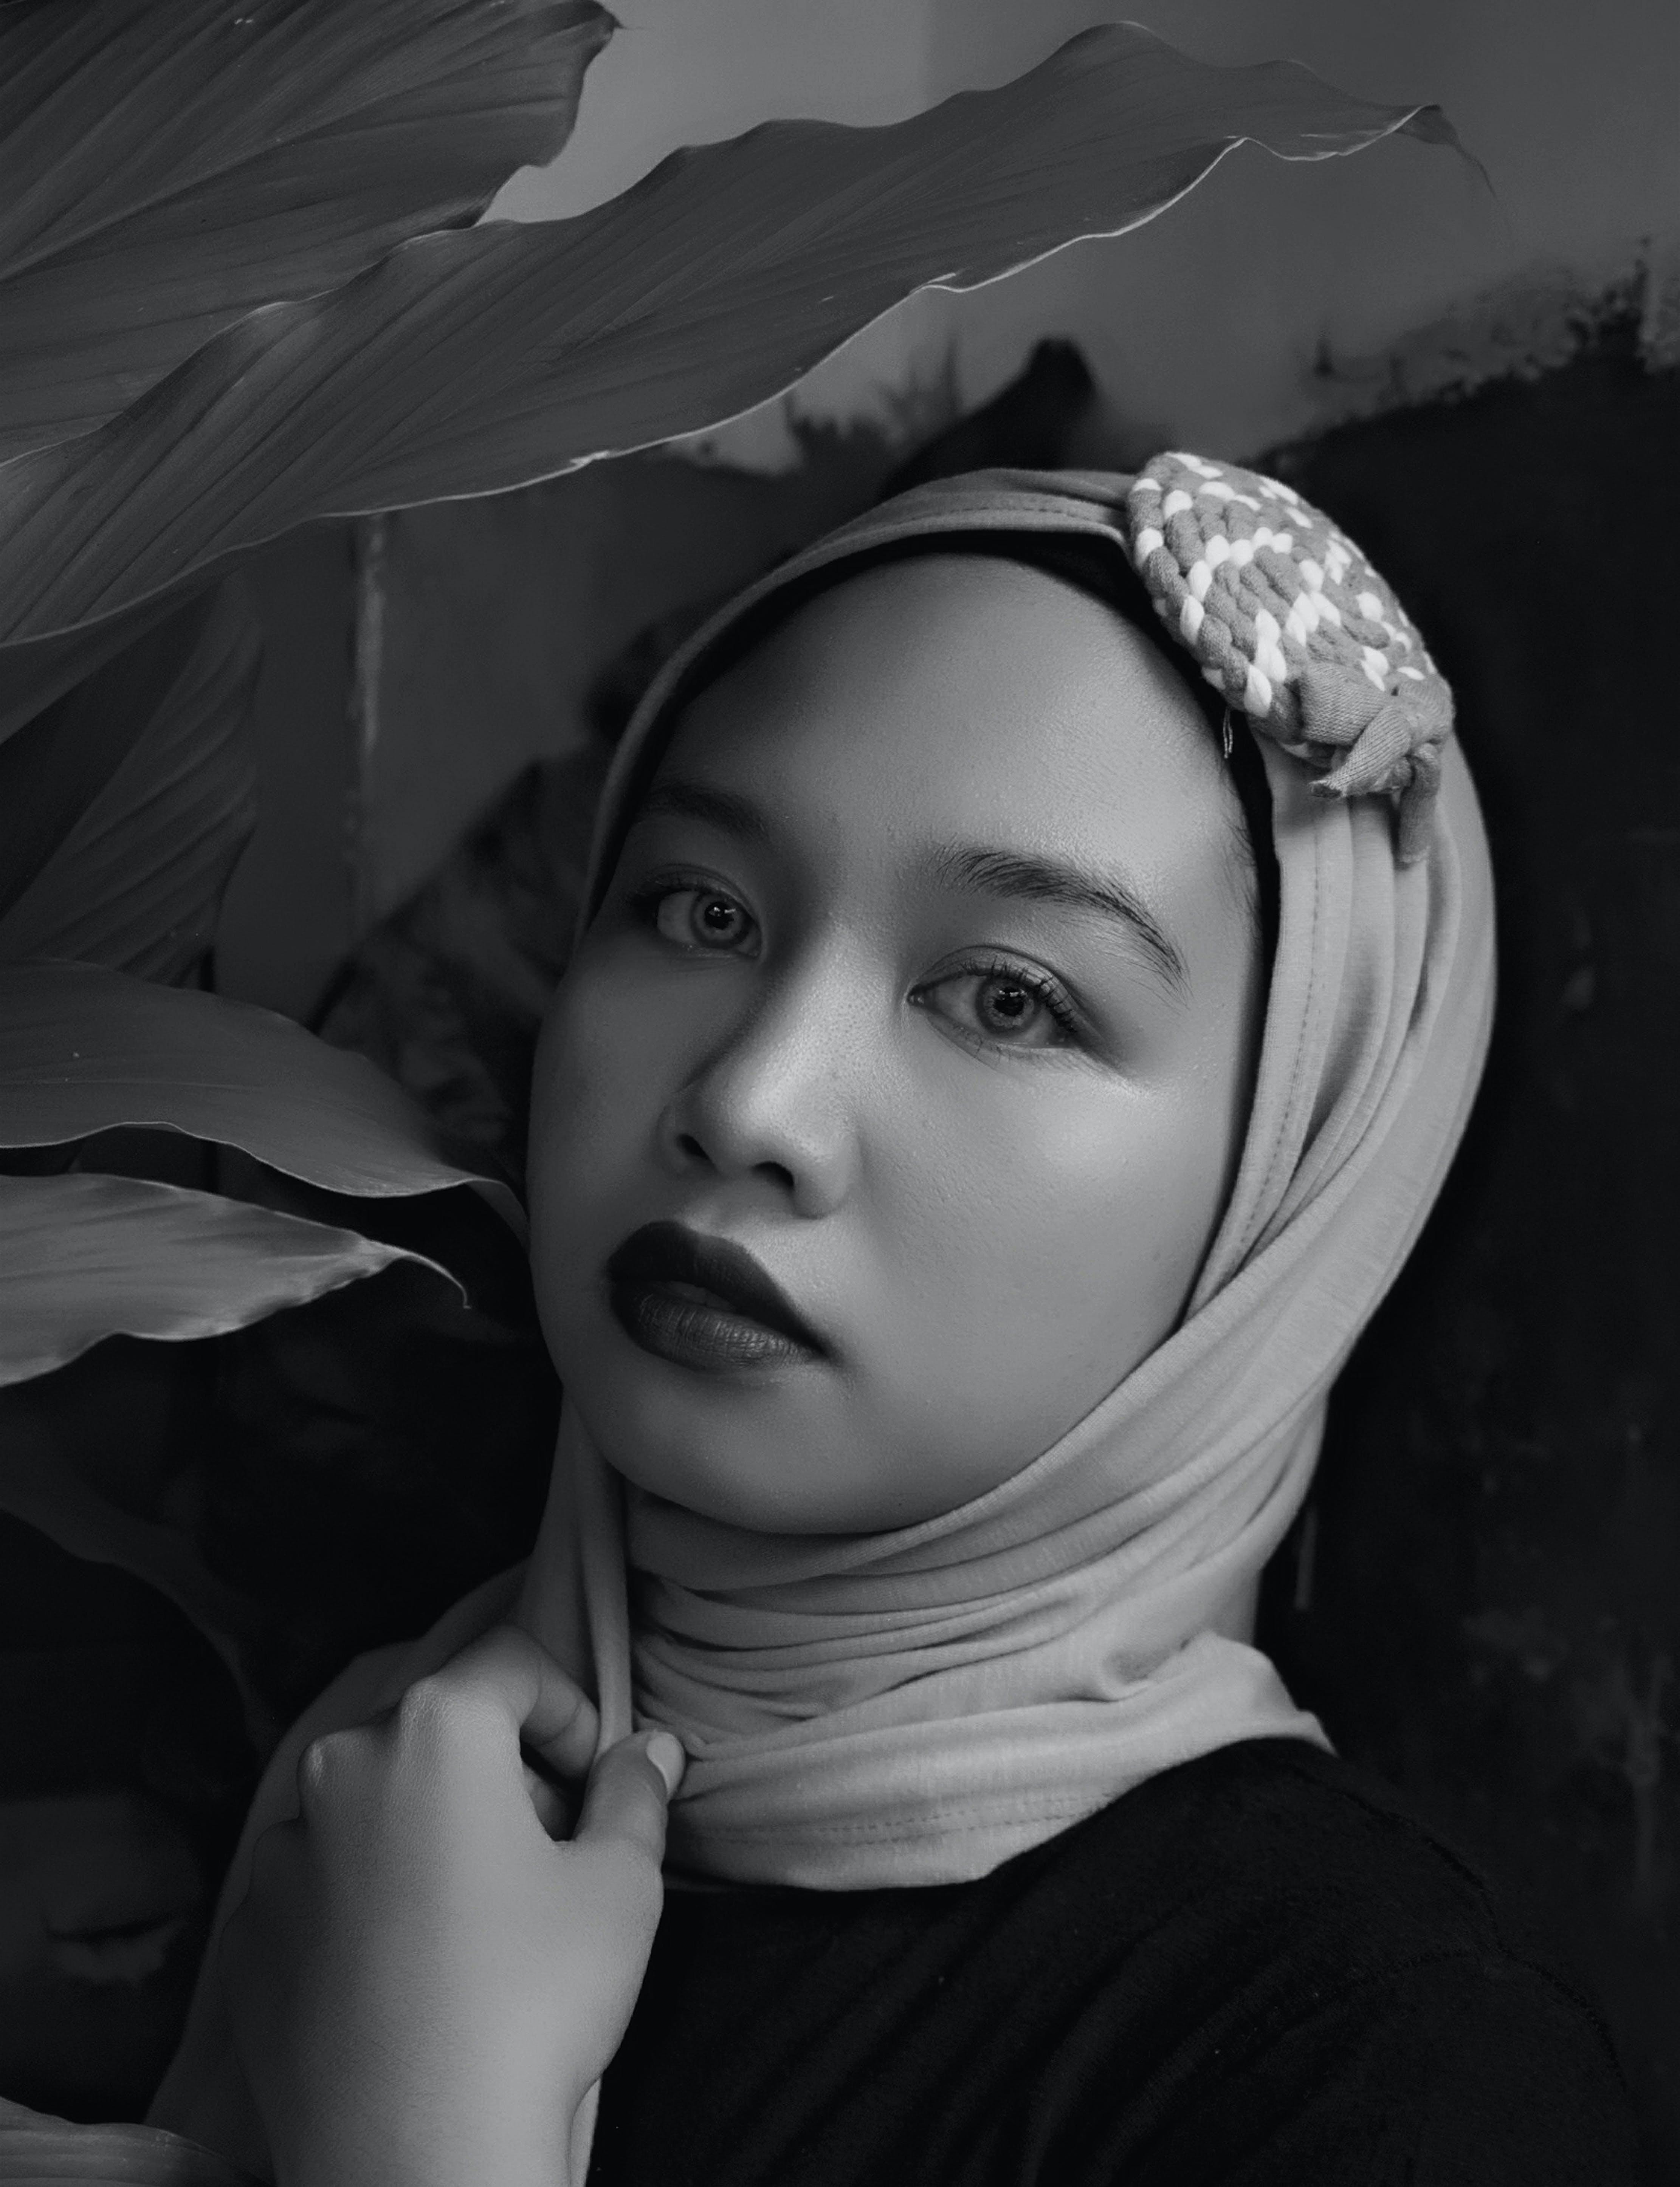 Kostnadsfri bild av ansikte, ansiktsuttryck, ha på sig, hijab